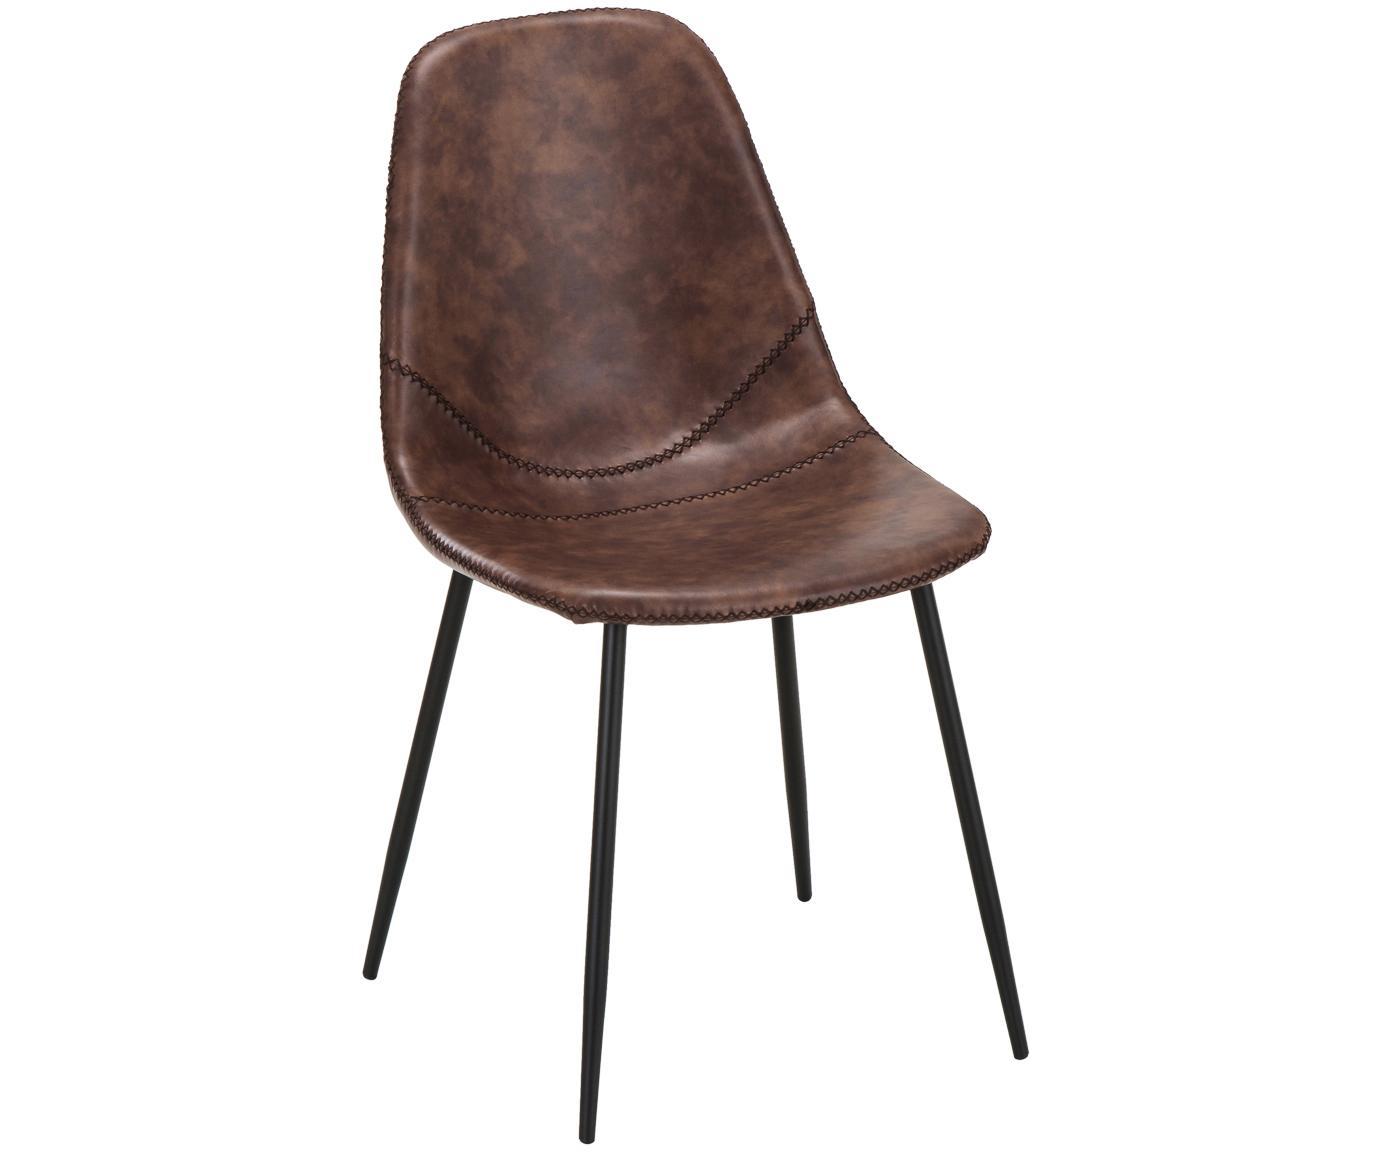 Imitatieleren gestoffeerde stoelen Linus, 2 stuks, Bekleding: imitatieleer (65% polyeth, Poten: gepoedercoat metaal, Bekleding: bruin. Poten: mat zwart, B 41  x D 53 cm